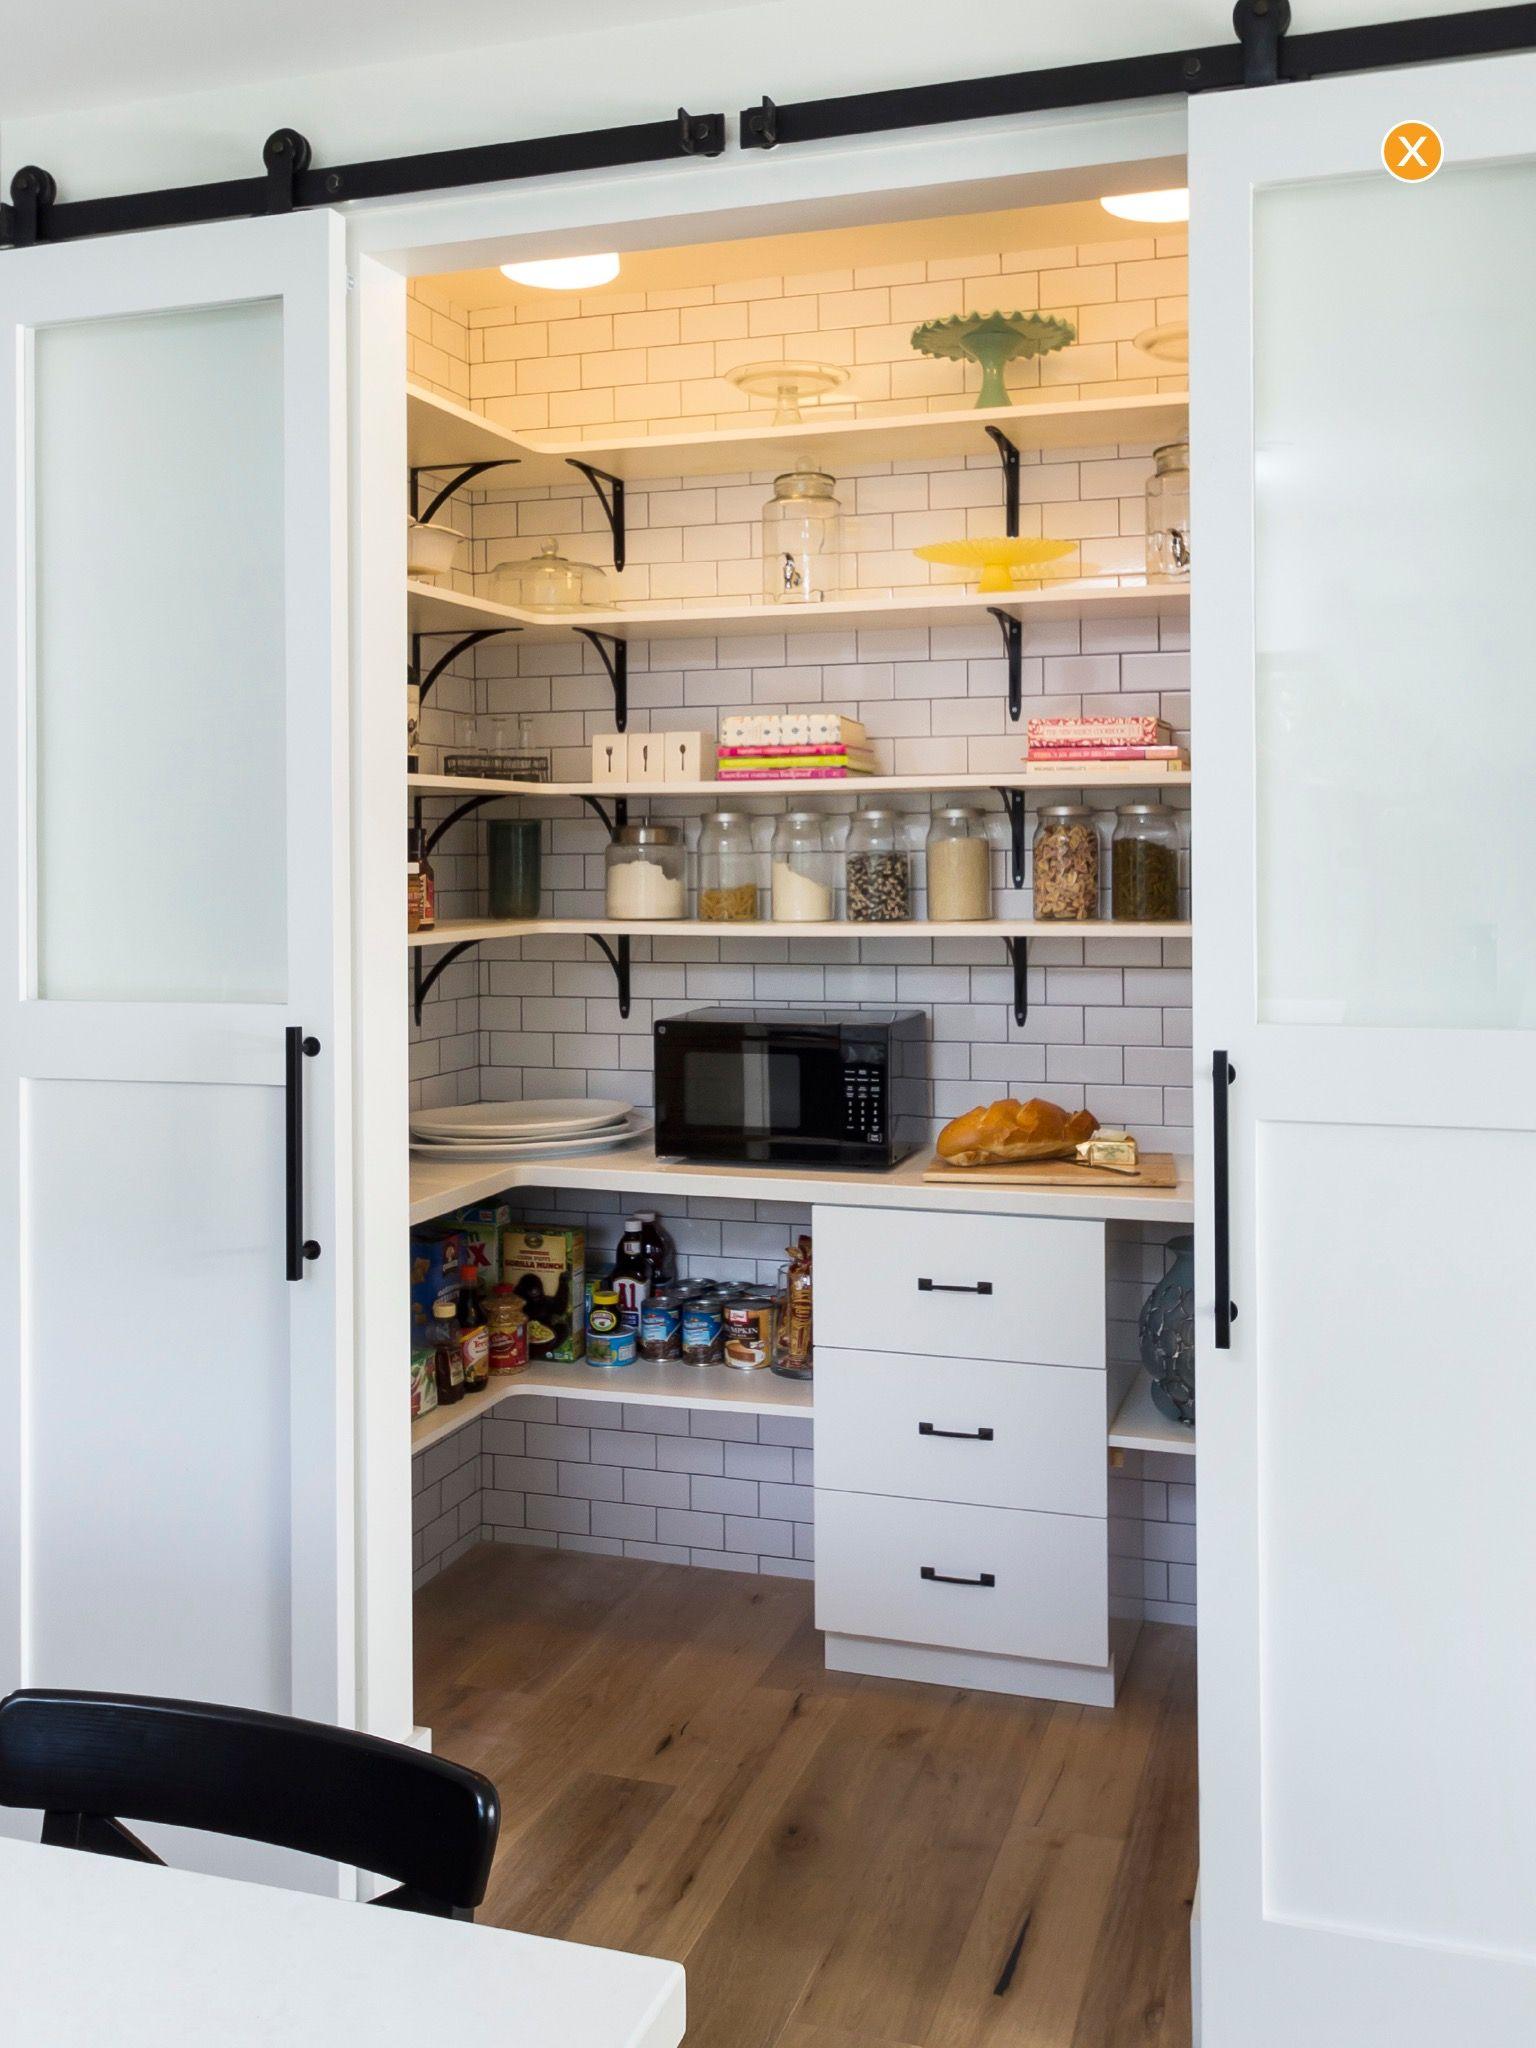 pingl par ion rudei sur buc t rie pinterest cuisines. Black Bedroom Furniture Sets. Home Design Ideas